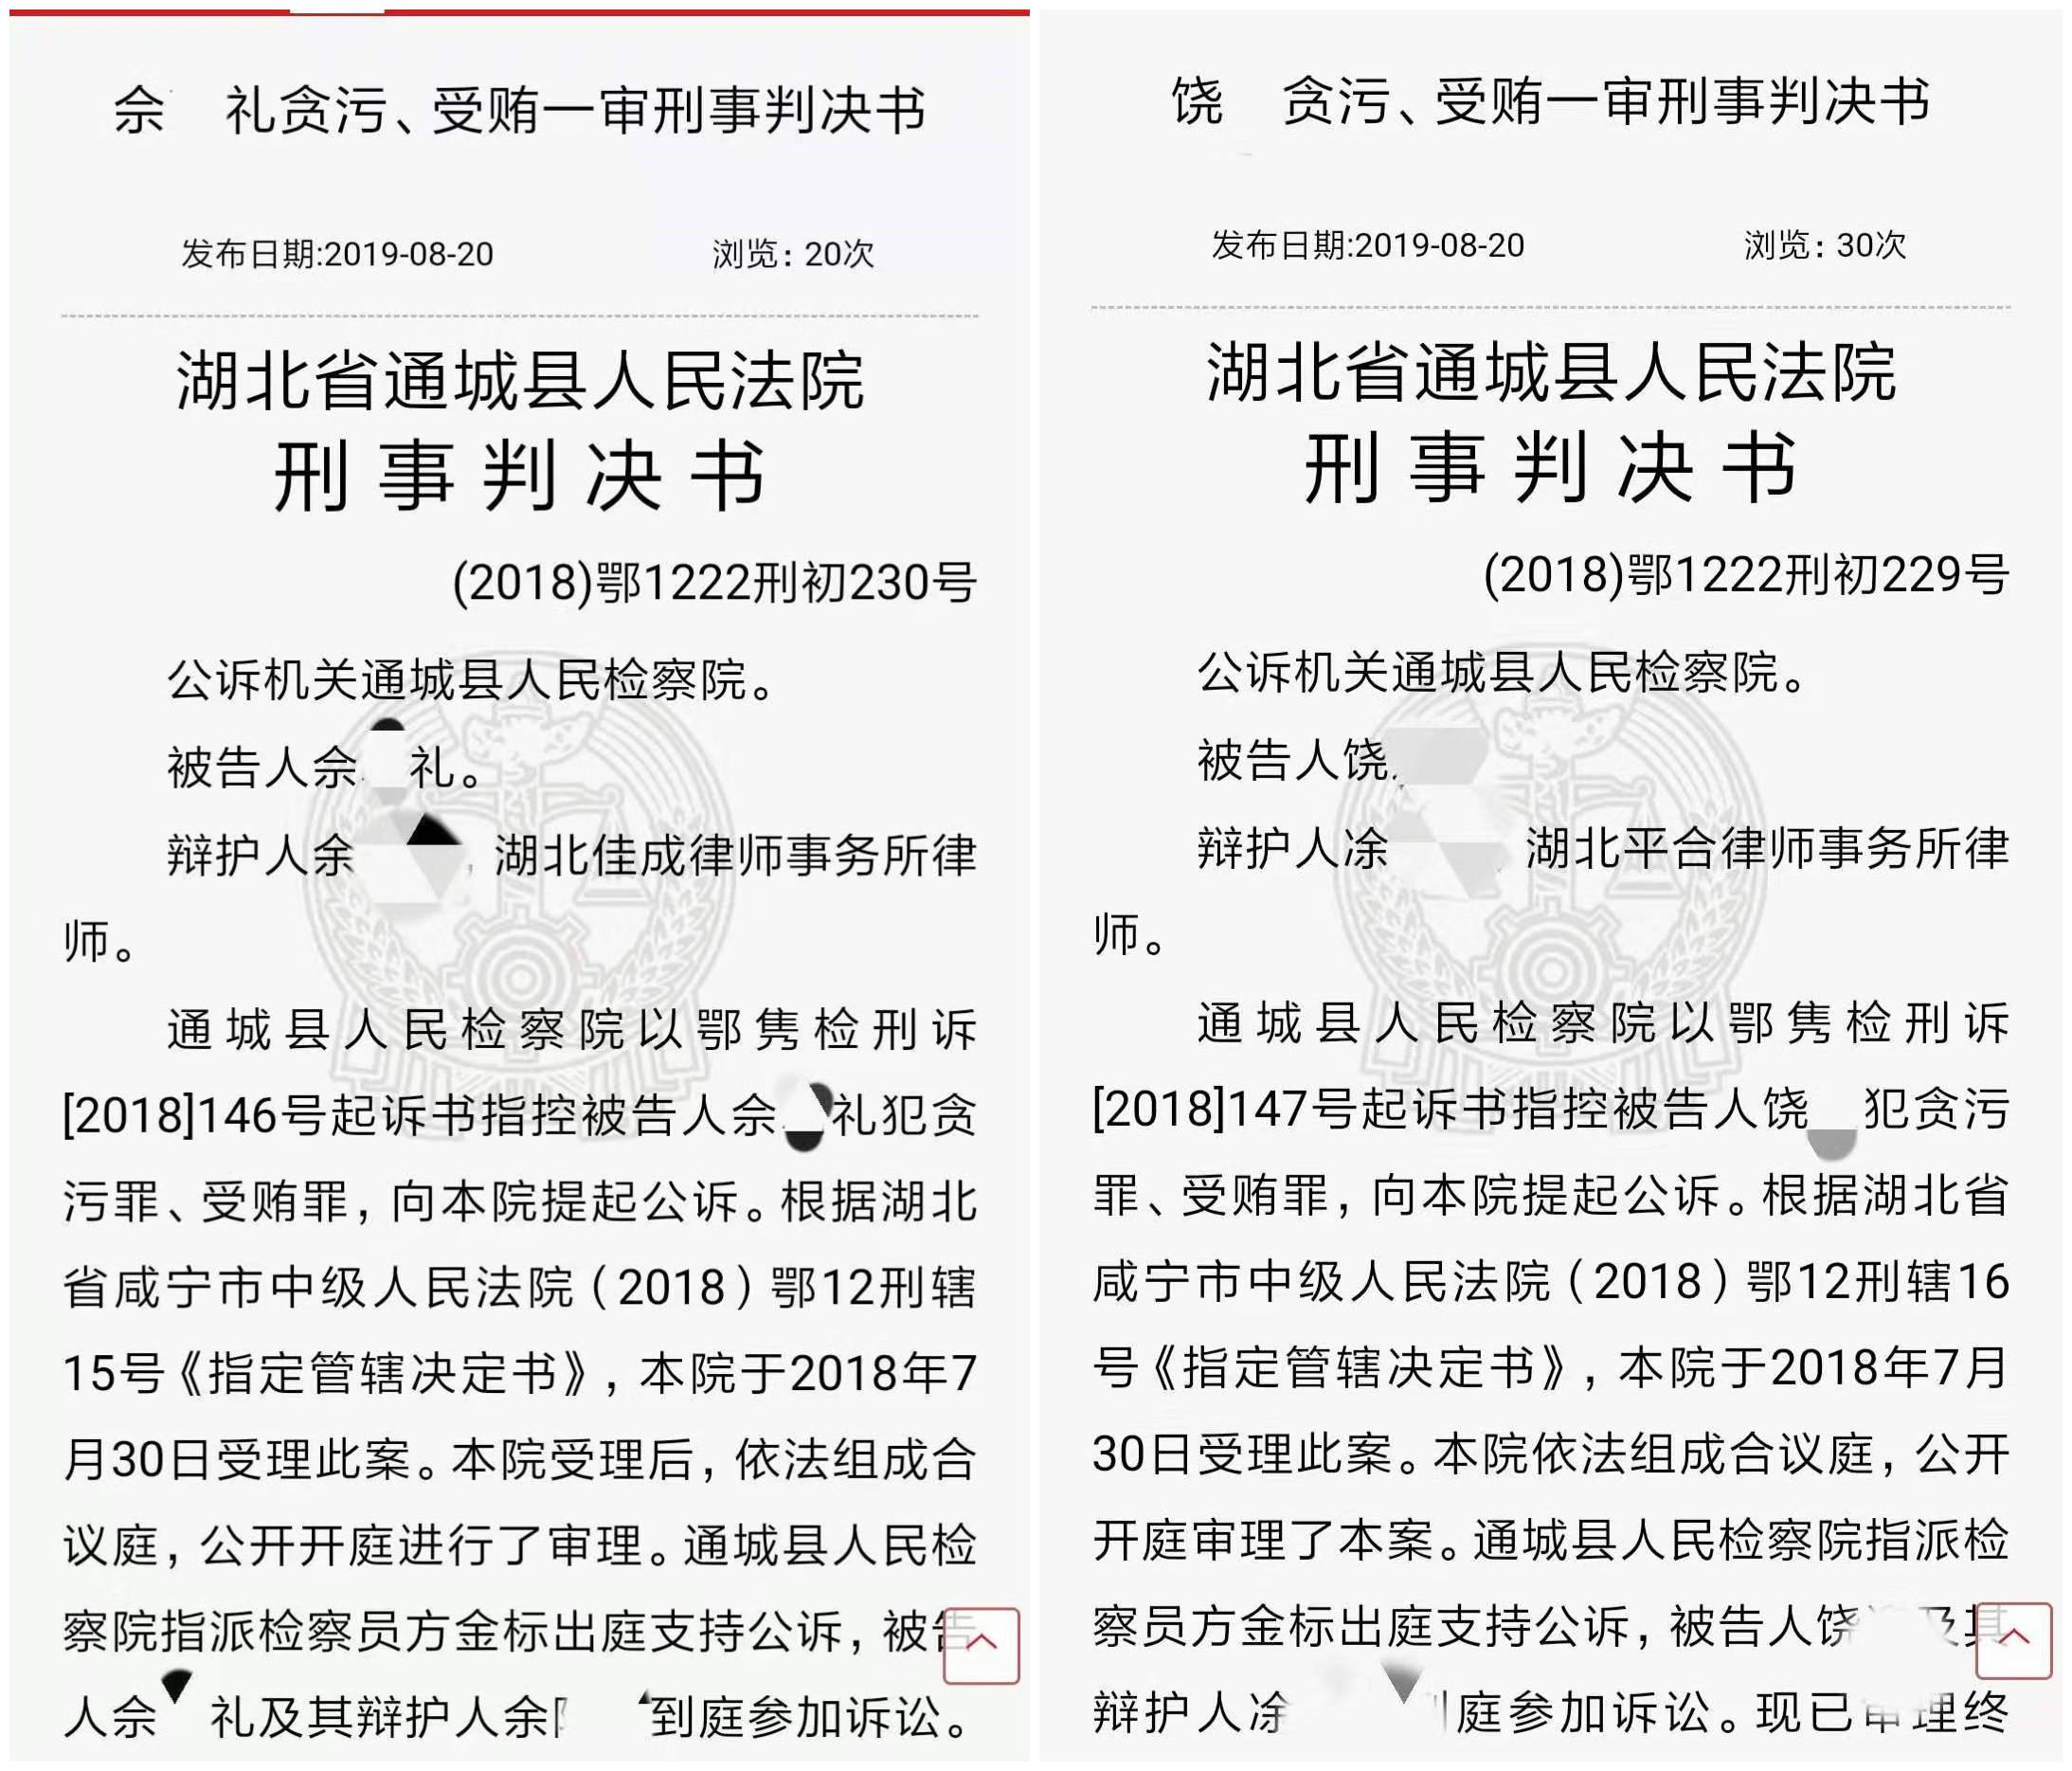 咸宁市城投公司财务总监、会计因贪污受贿被判刑 曾用虚假施工合同向农发行贷款8000万元